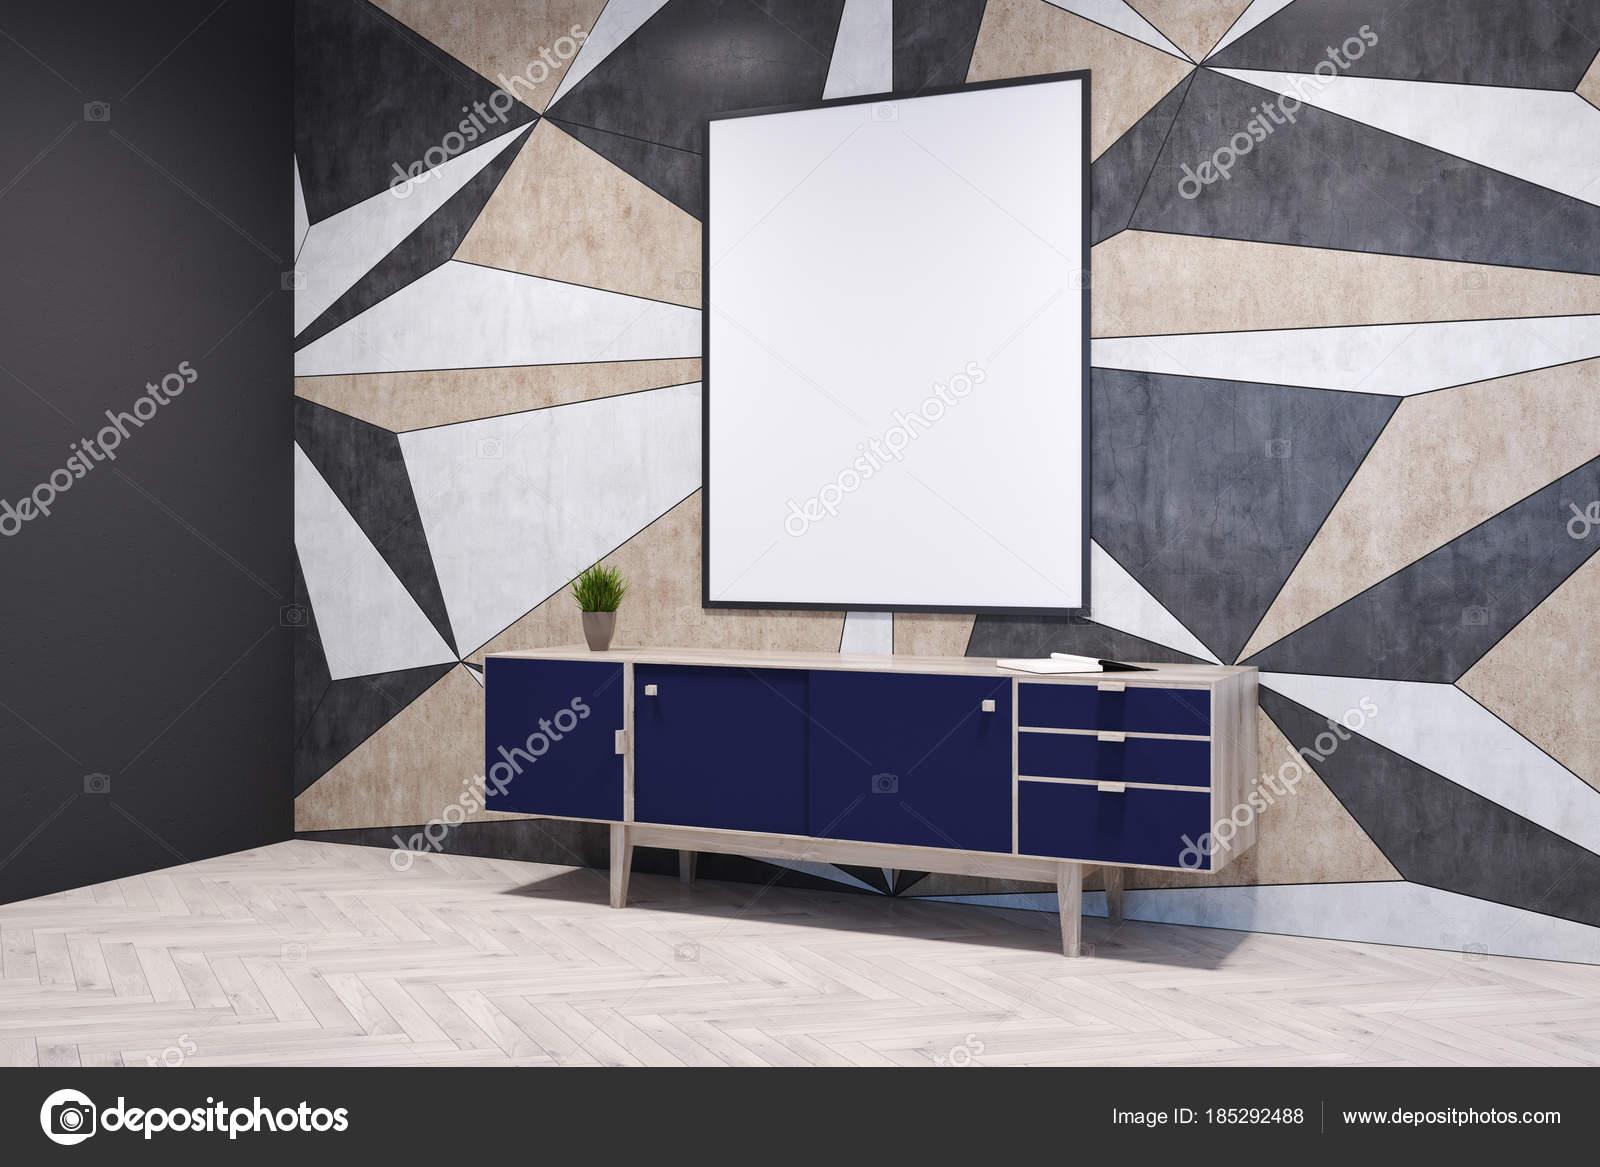 Uberlegen Geometrische Muster Leeren Raum Ecke Mit Einem Dunklen Blau Schrank Stehen  Auf Einem Hellen Holzboden. Ein Plakat. 3D Rendering Mock Up U2014 Foto Von ...